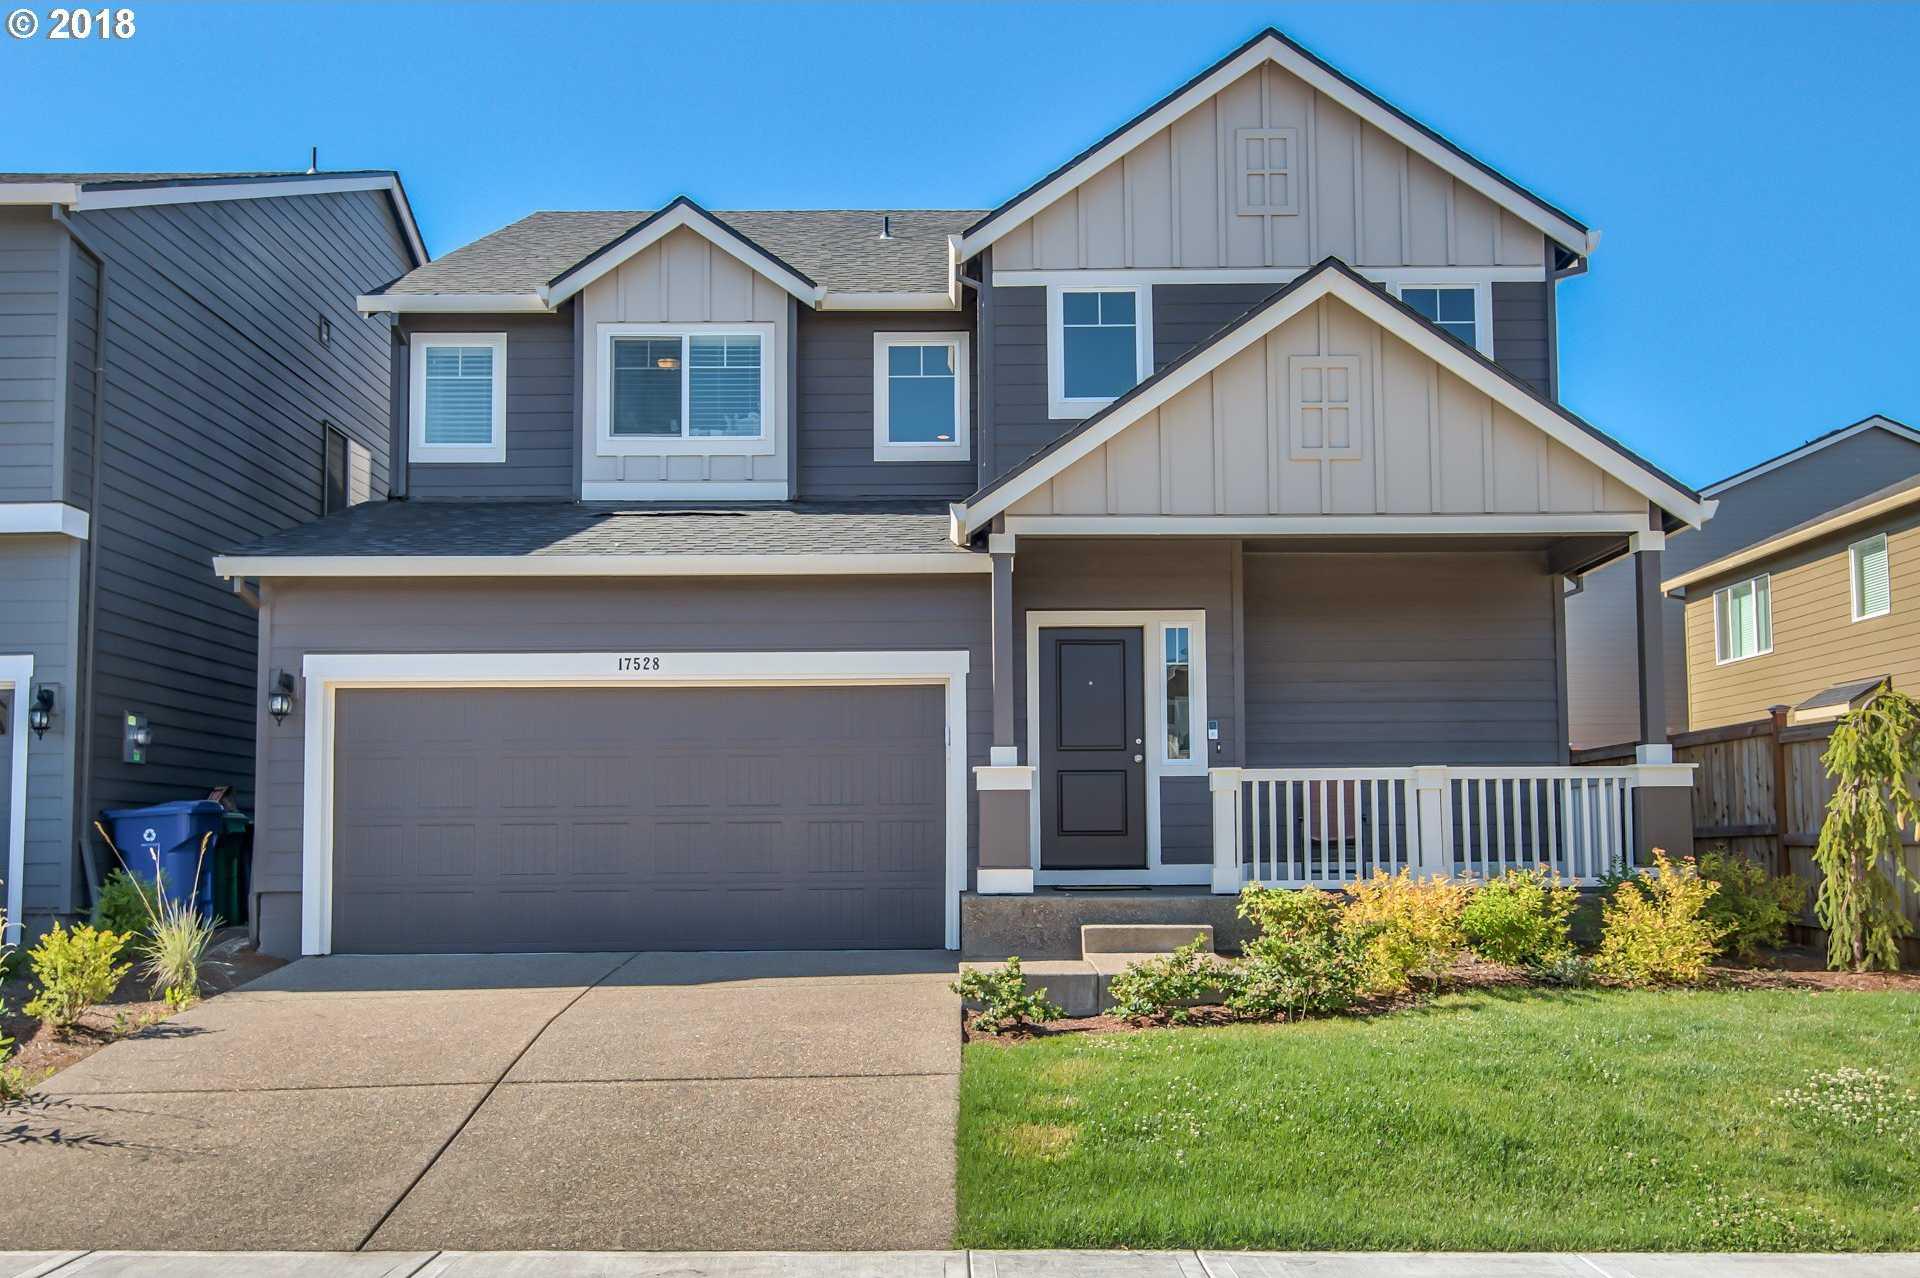 $549,900 - 5Br/4Ba -  for Sale in Rock Creek Meadows, Happy Valley